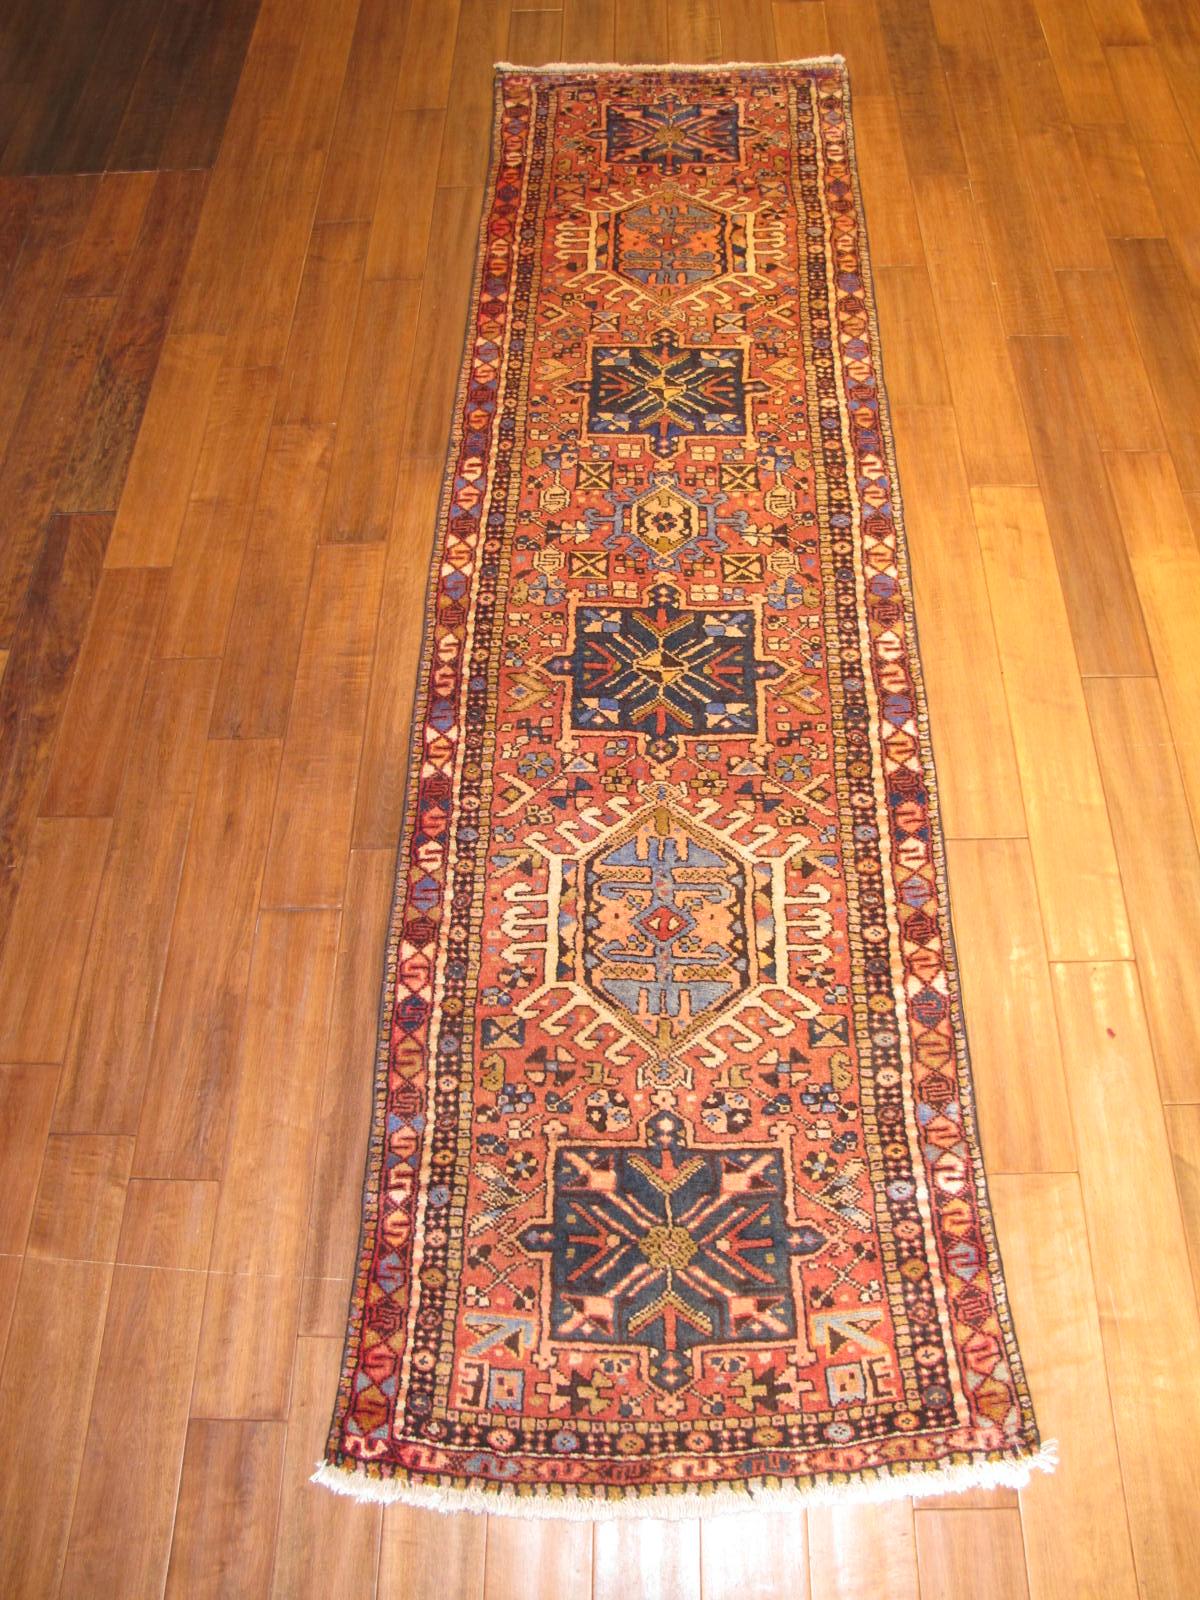 23669 Persian Karadja runner 2,8x9,6